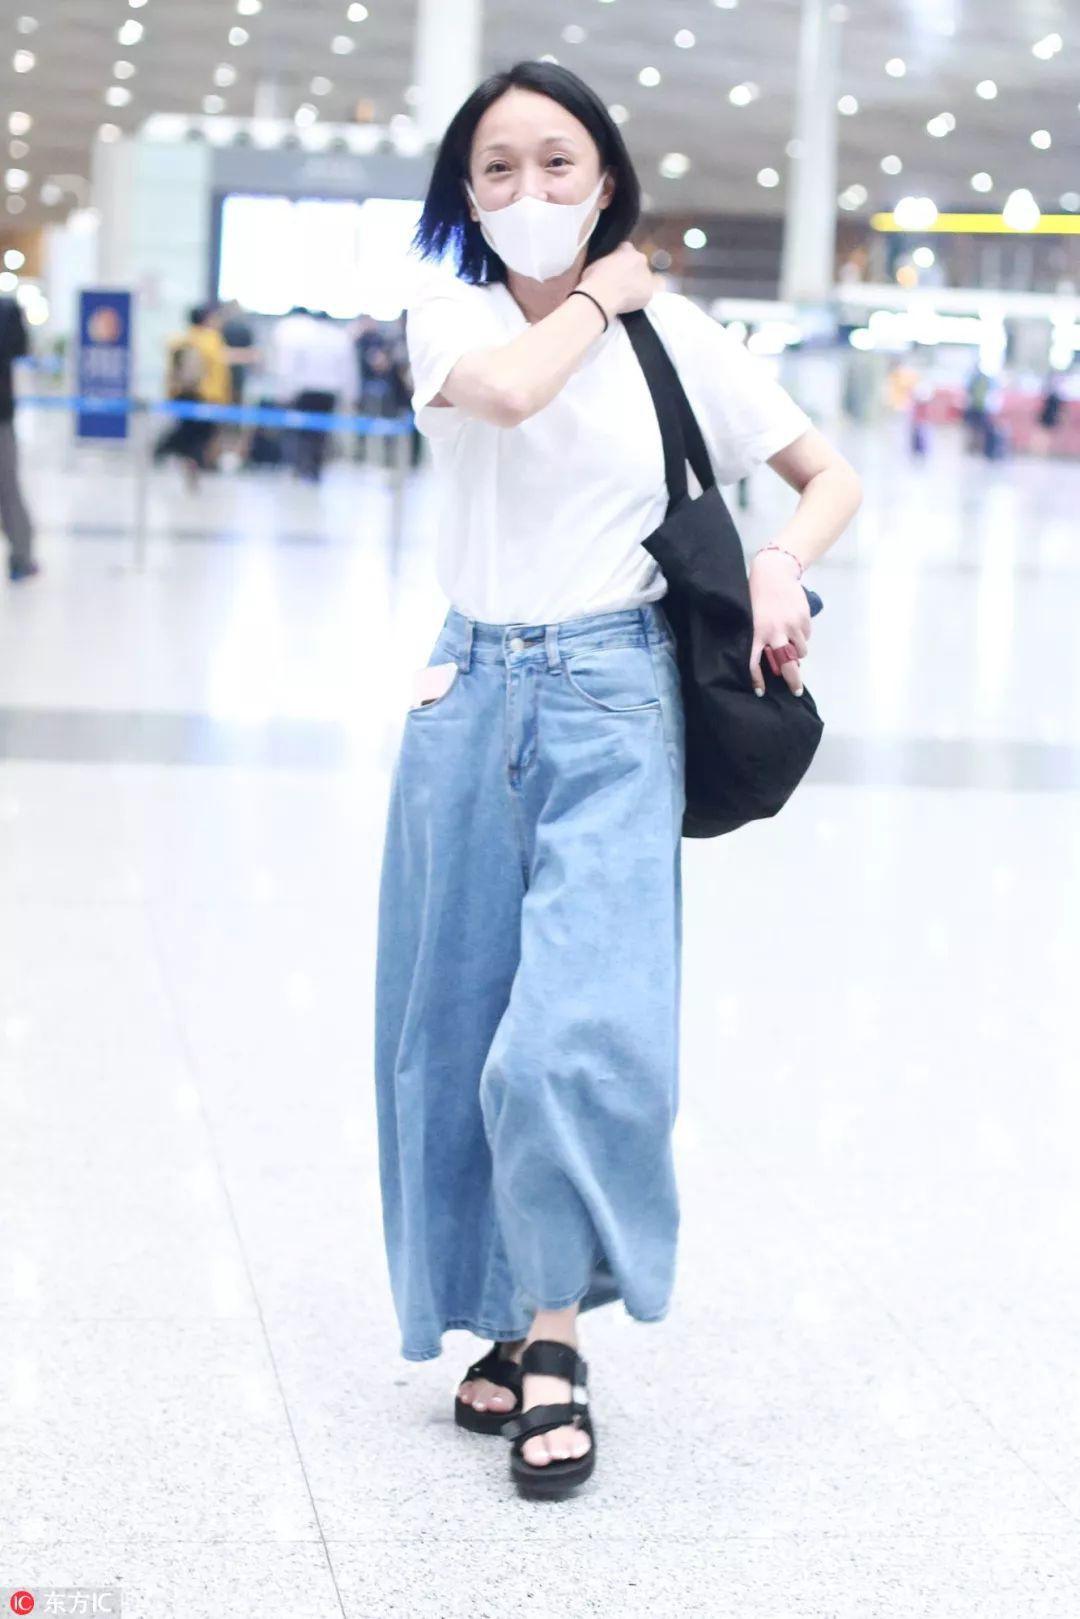 Giàu có và là đại hoa đán nhưng cứ ra sân bay, Châu Tấn sẽ chẳng màng hình tượng mà diện đồ xuề xòa thế này - Ảnh 10.